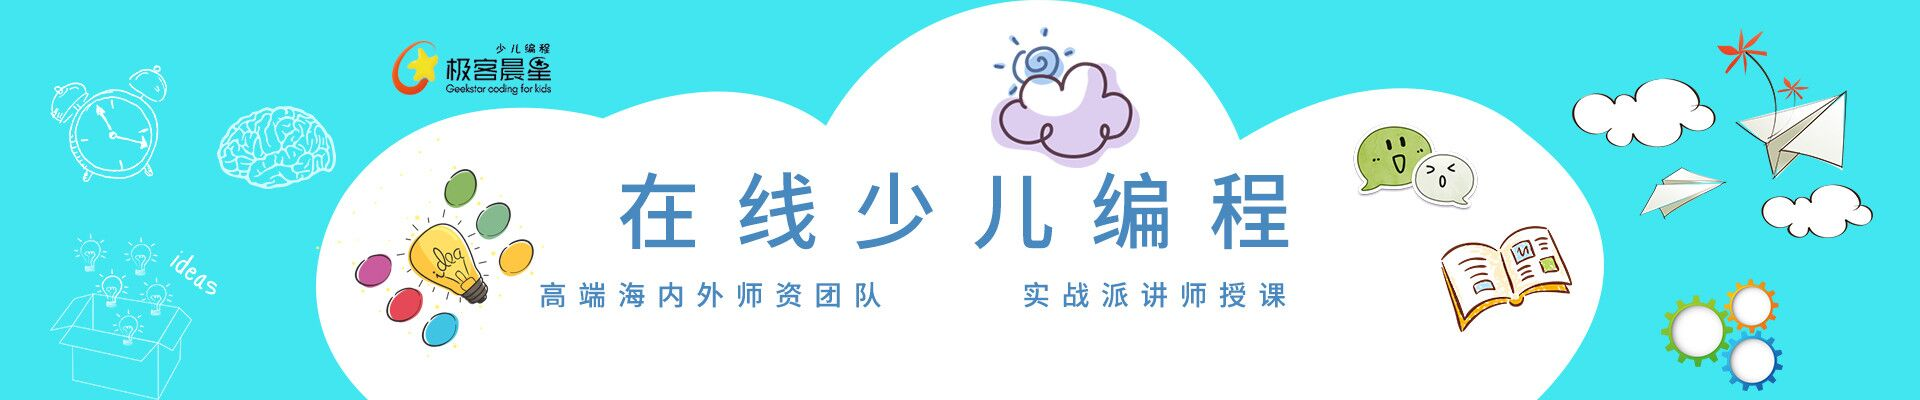 极客晨星郑州新郑市黄水路校区